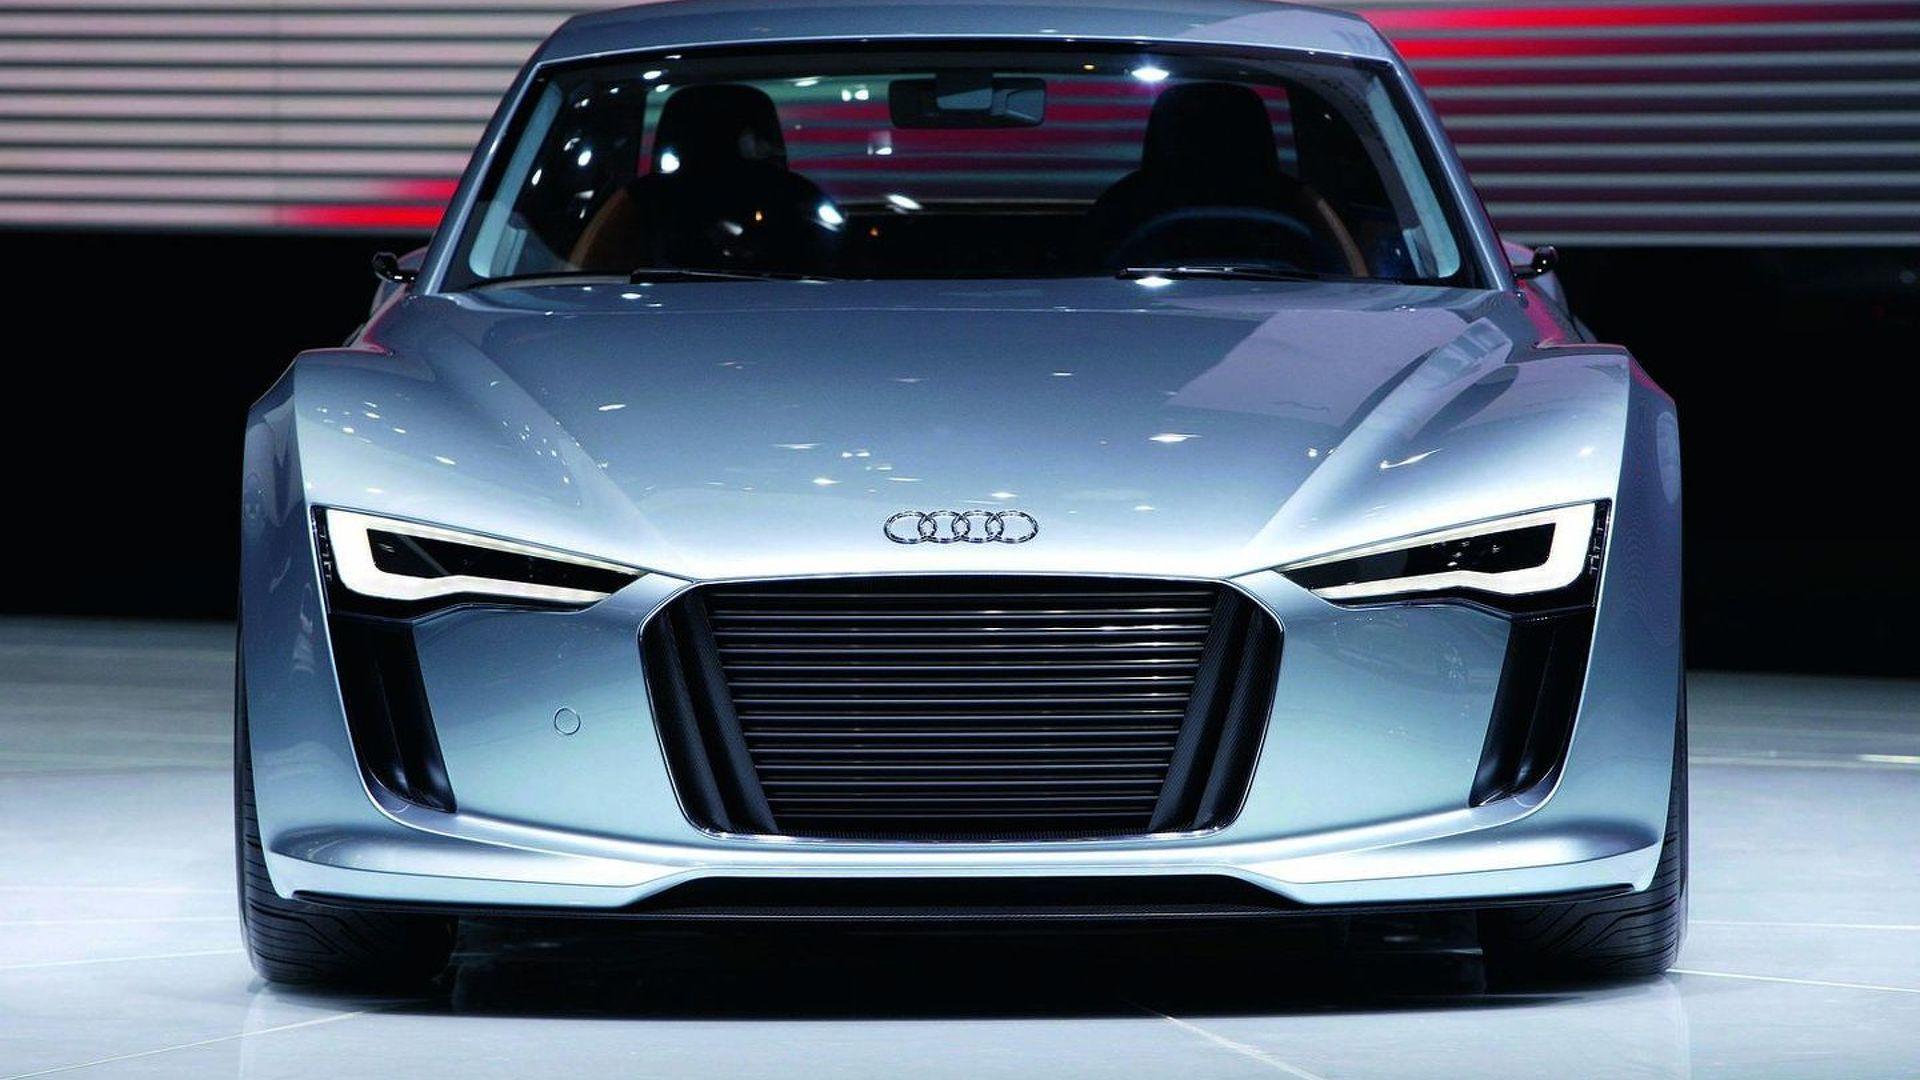 Second Audi Etron Concept Surprises In Detroit Possible R Preview - Audi detroit